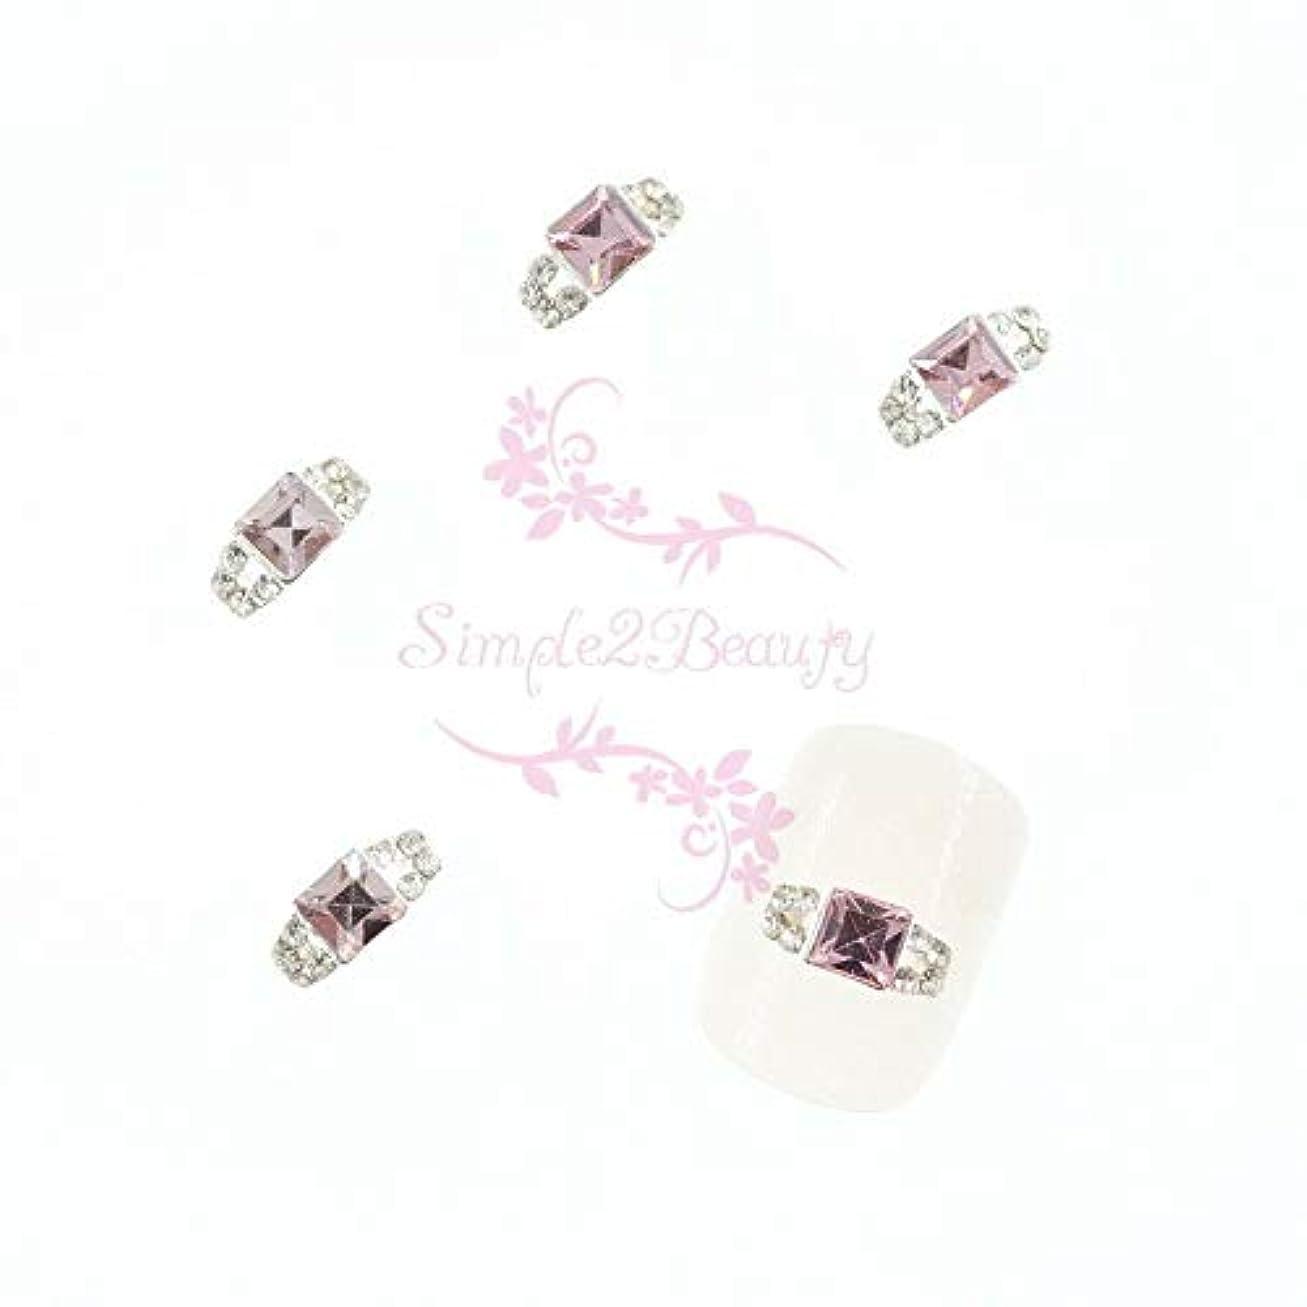 甲虫興奮基本的なFidgetGear 20クリスタルラインストーンの装飾3Dリングスタイルシルバーメッキ合金チャームネイルアート ピンク